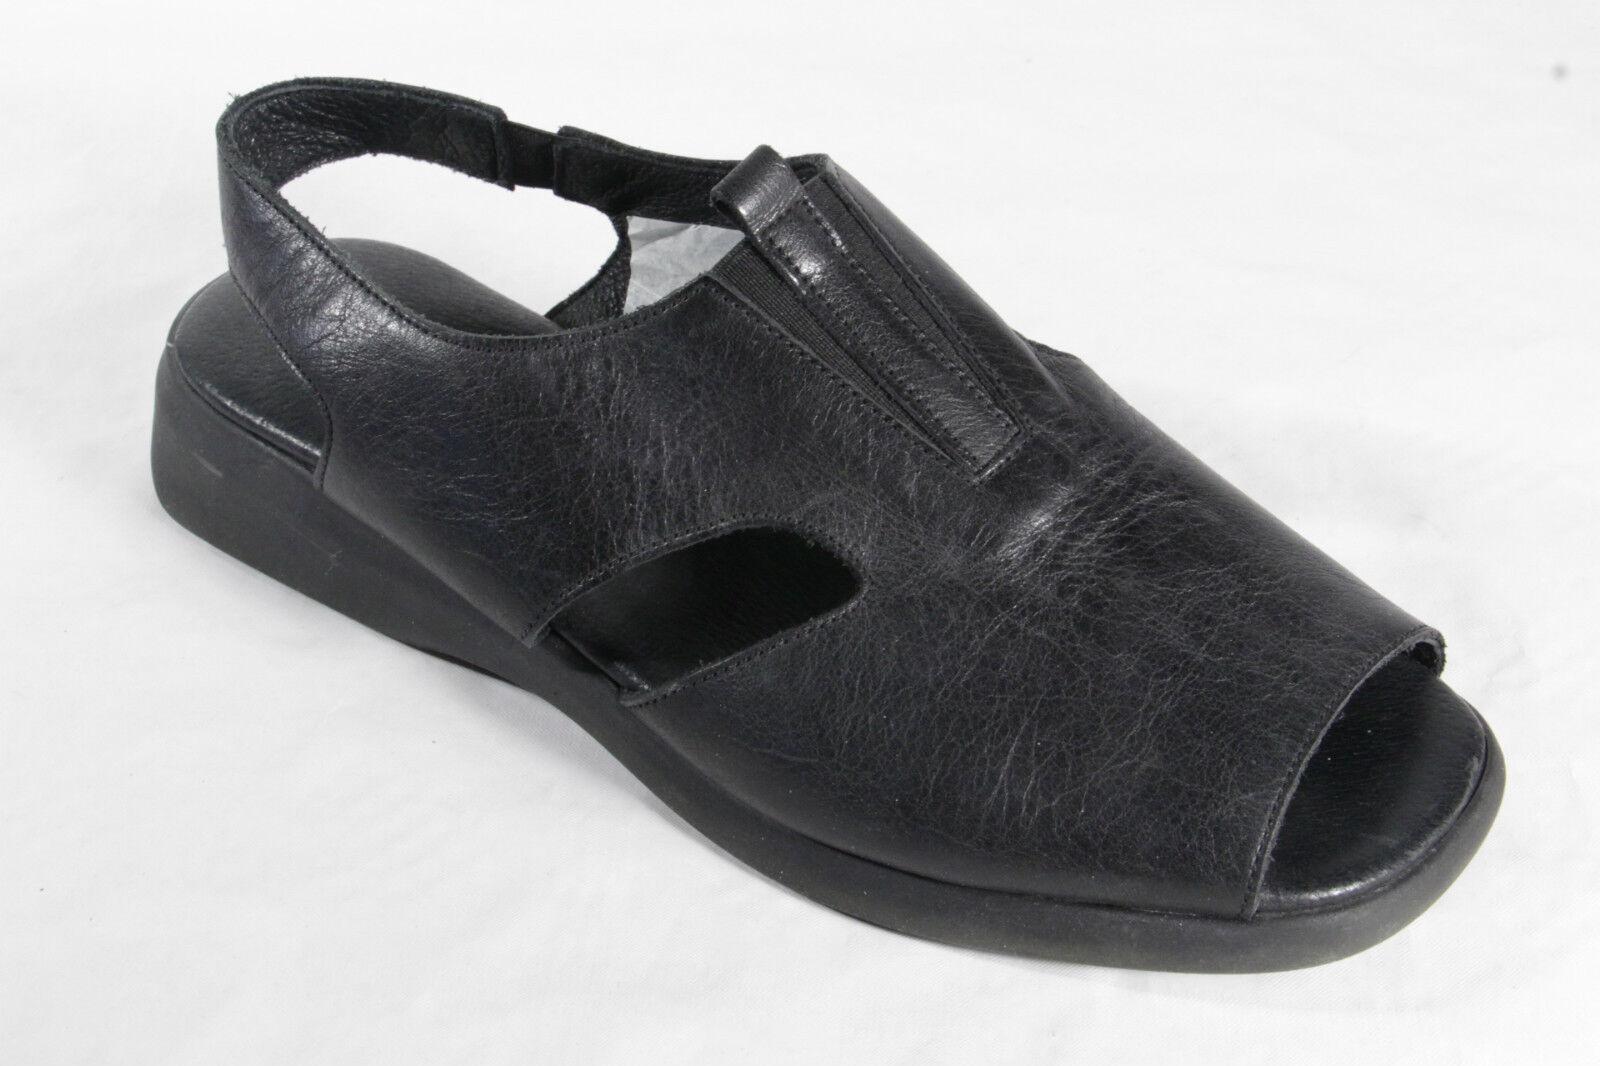 Manas Damen Sandalen Sandaletten Echtleder schwarz NEU NEU schwarz   d99fb0